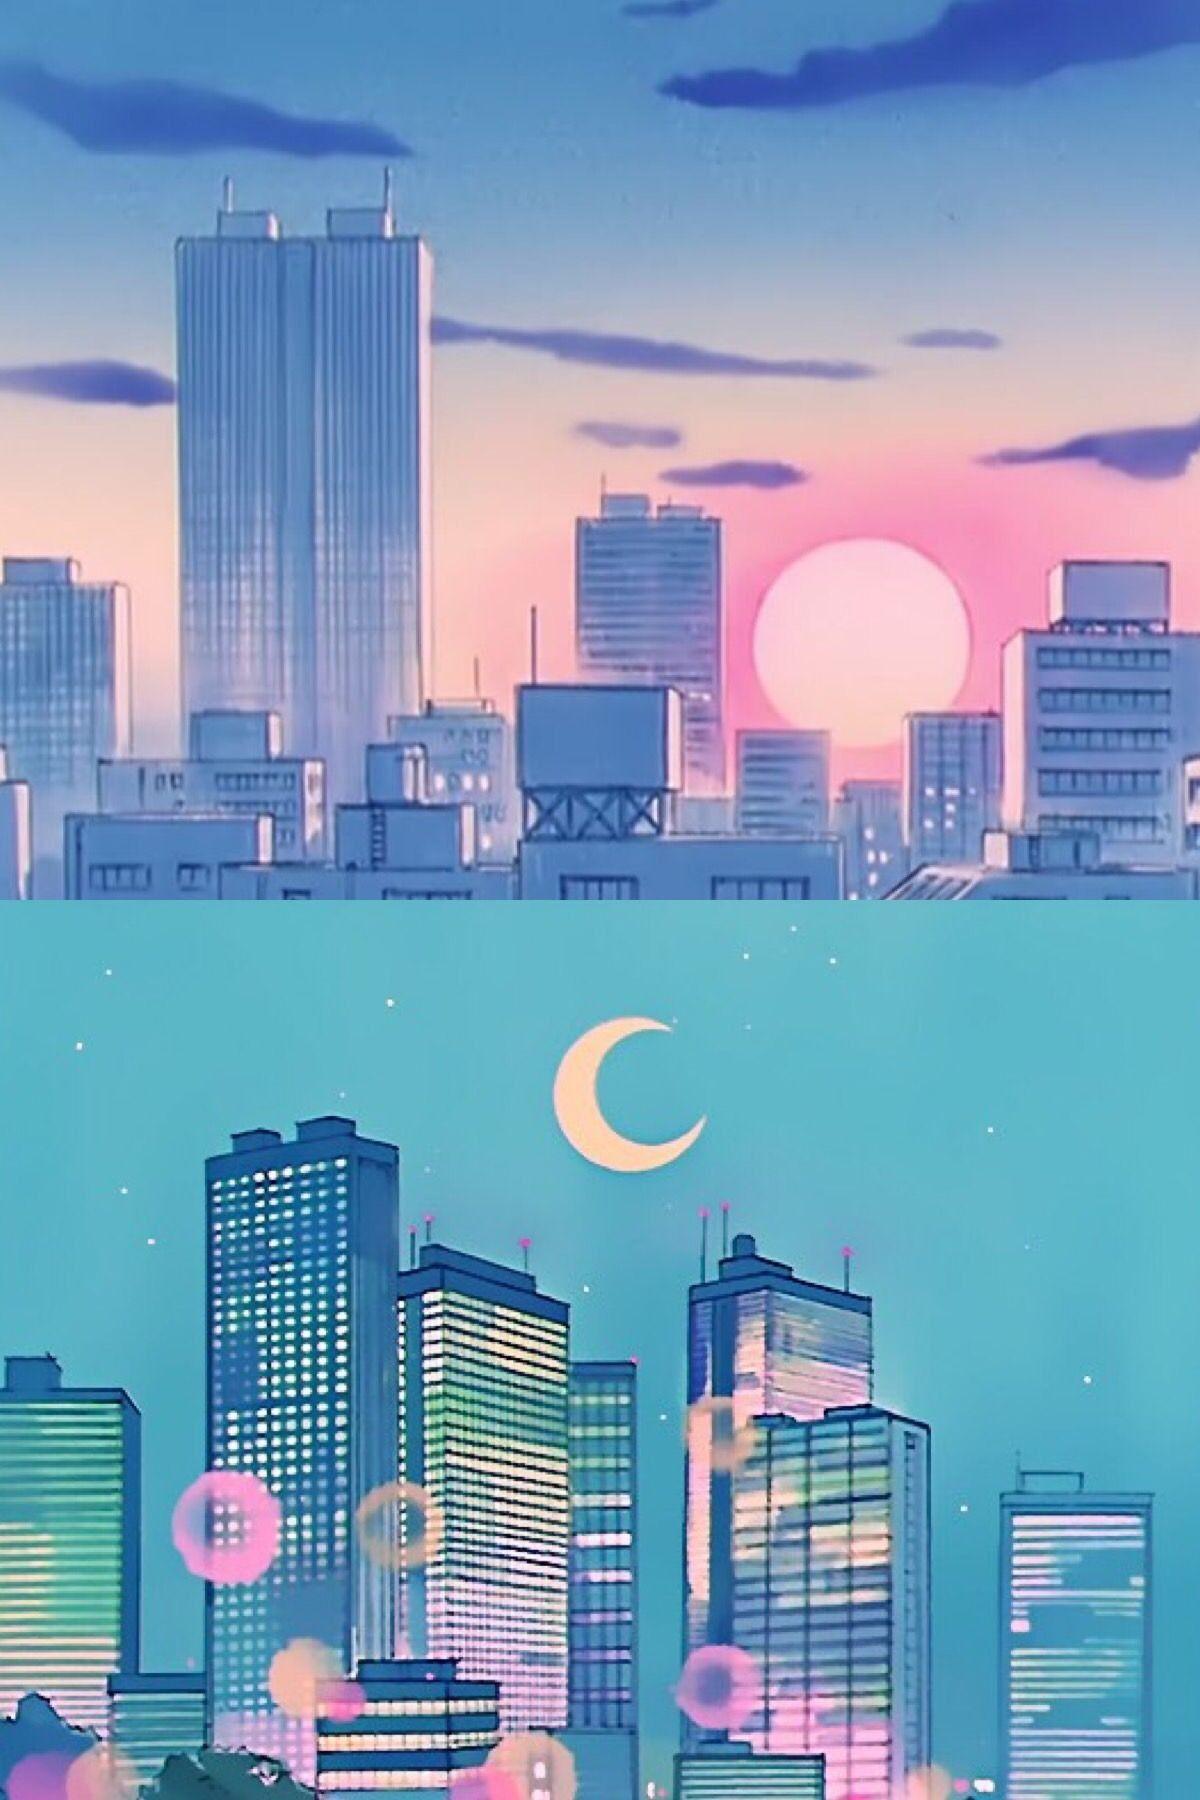 レトロ おしゃれまとめの人気アイデア Pinterest 石田 セーラームーン 背景 風景 セーラームーン 壁紙